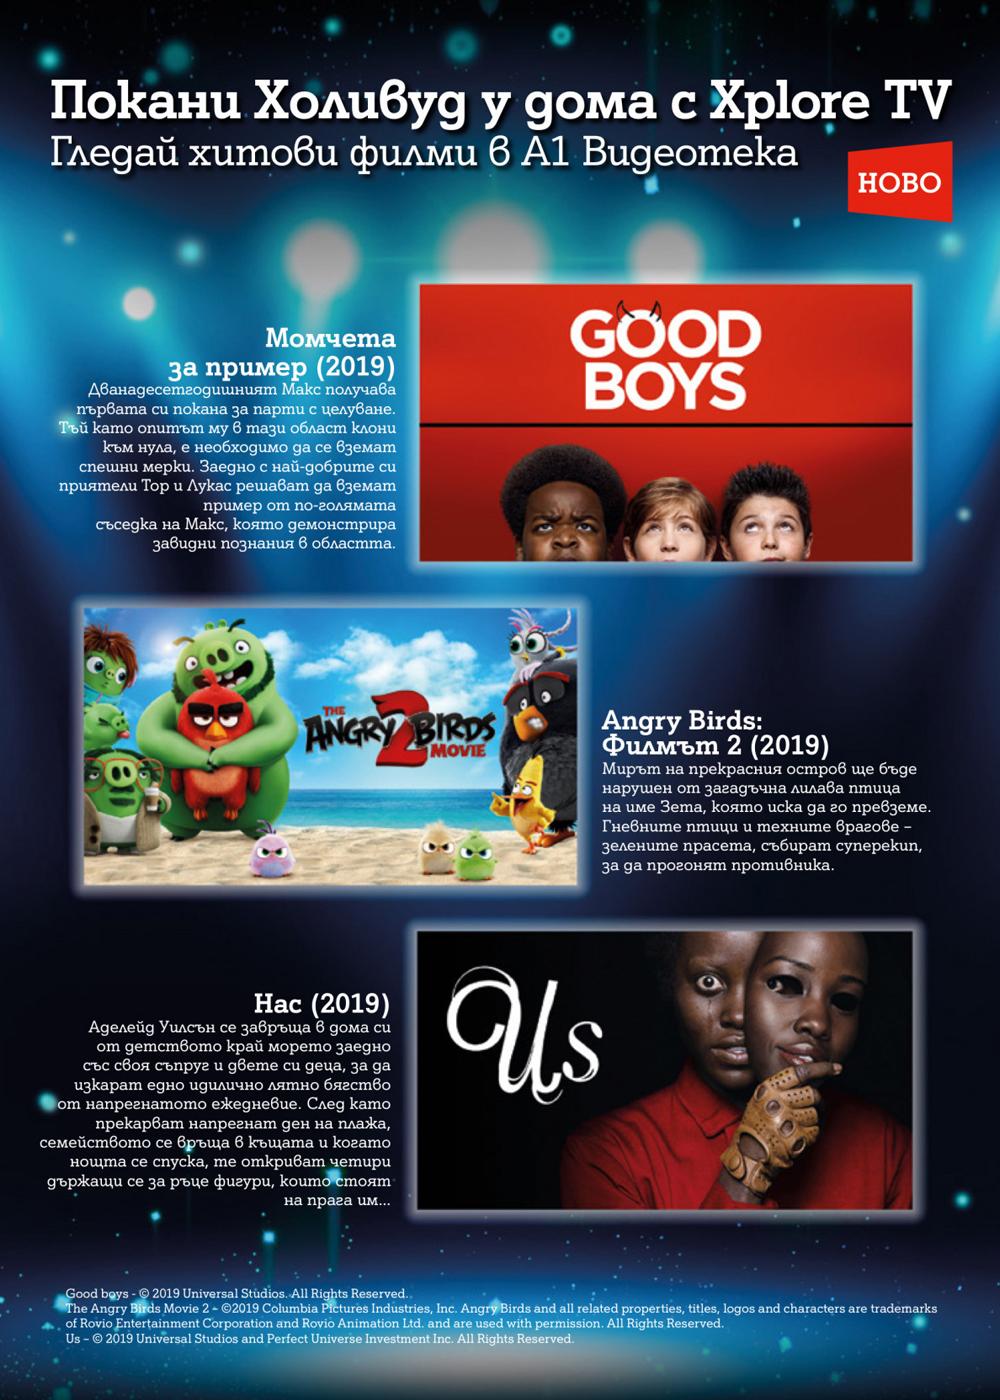 """""""Момчета за пример"""", """"Енгри Бърдс: Филмът 2"""" и """"Нас"""" са сред акцентите на А1 Видеотека през февруари"""